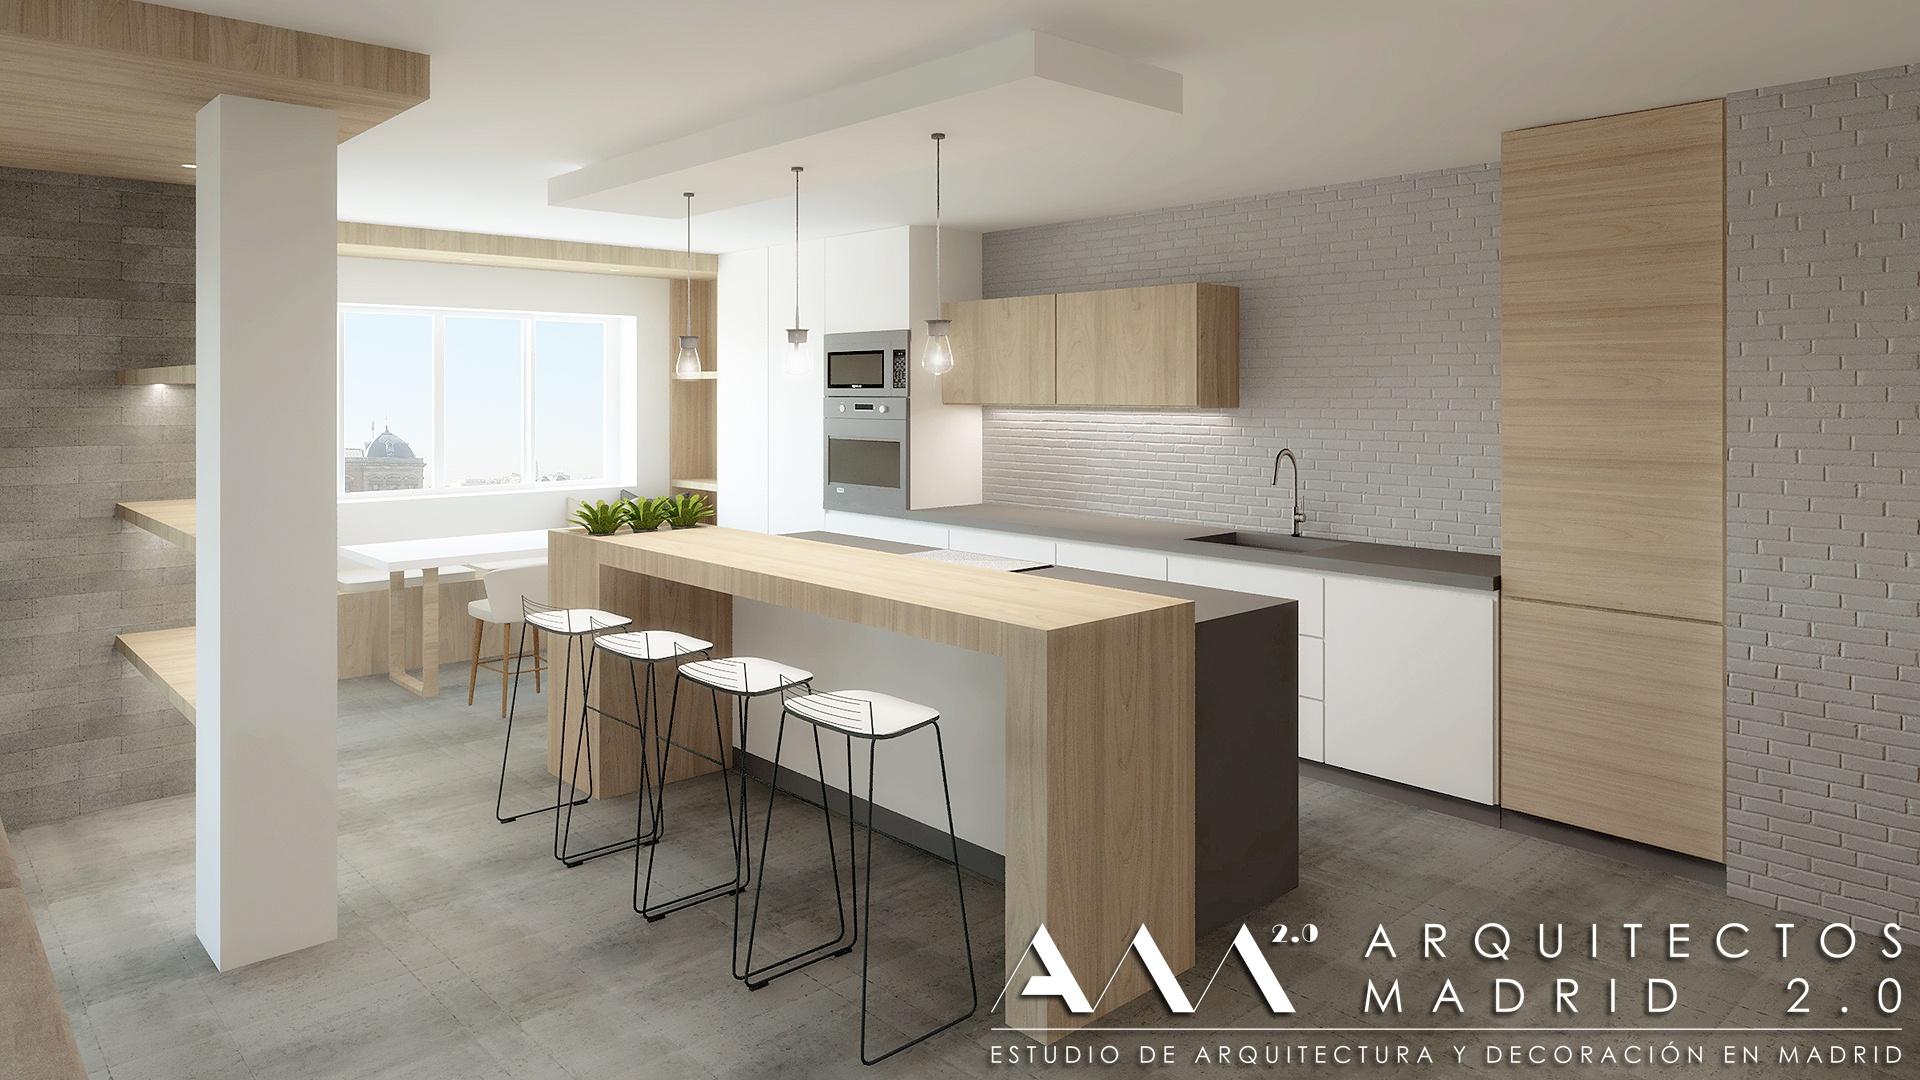 proyecto-arquitectura-interiores-decoracion-cocina-madrid